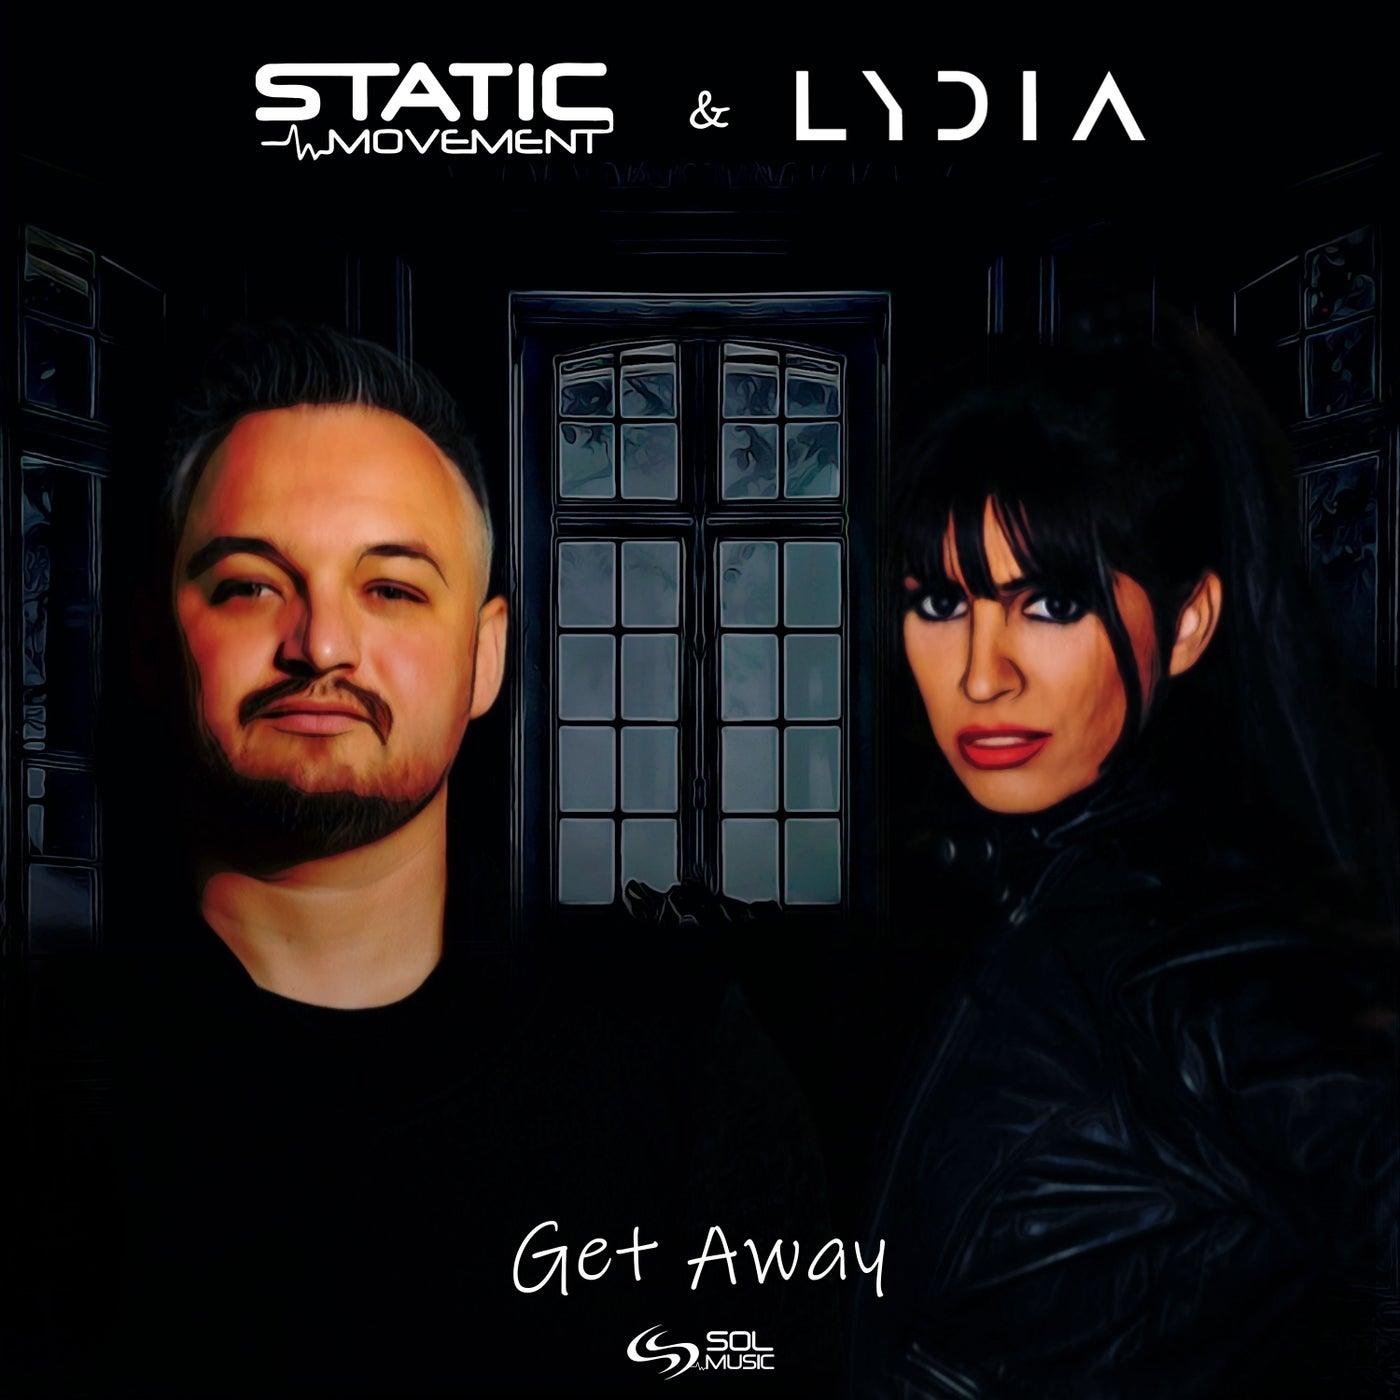 Get Away (Original Mix)